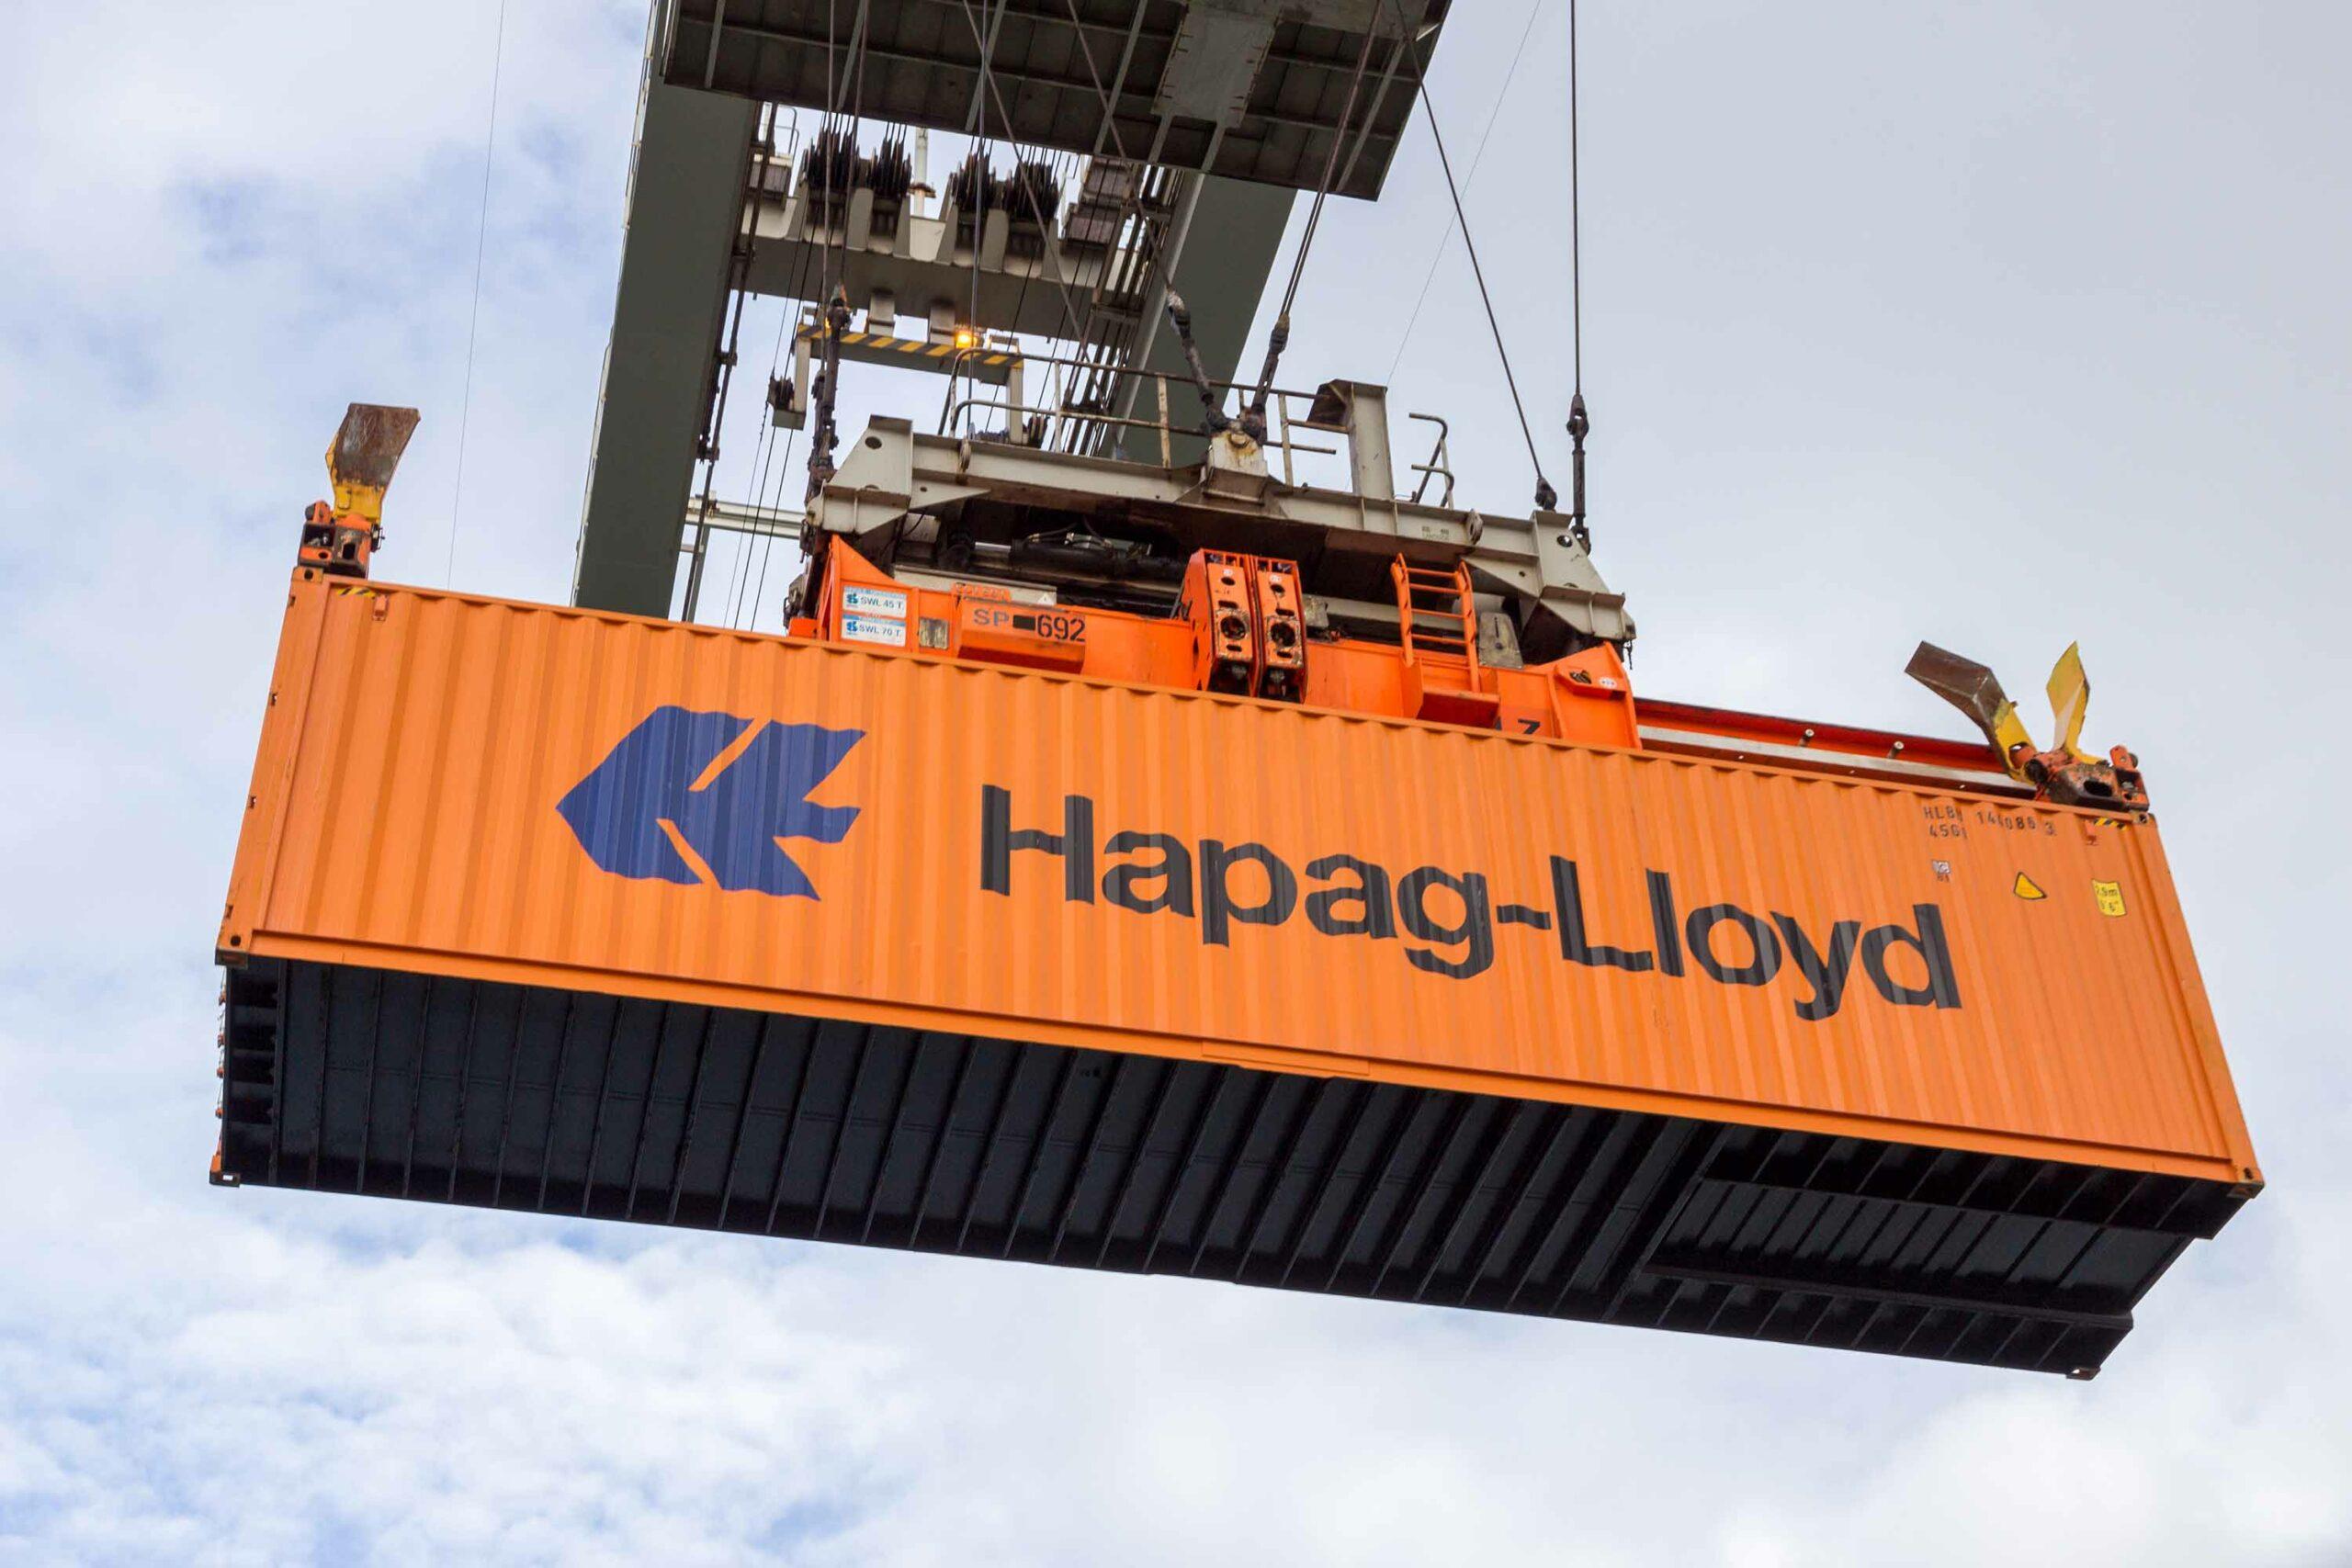 Hapag-Lloyd predicts strong Q1 financial results 1